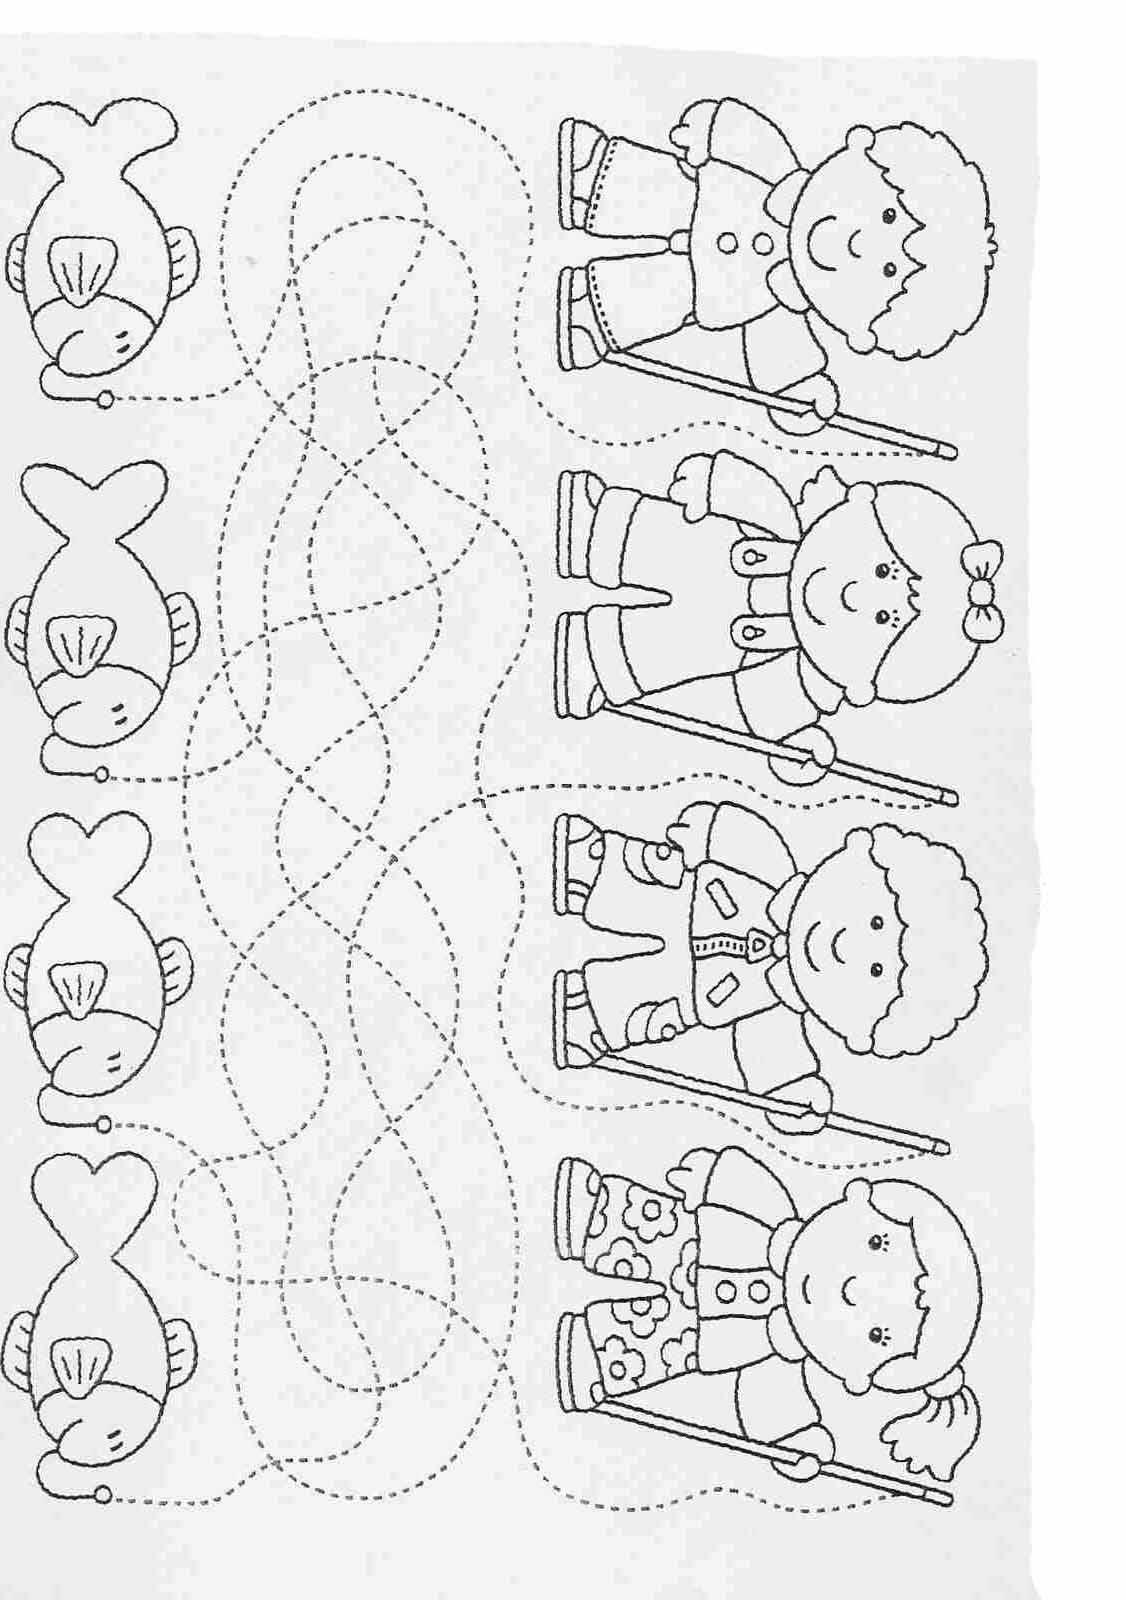 Complete The Drawings Worksheets 37 En